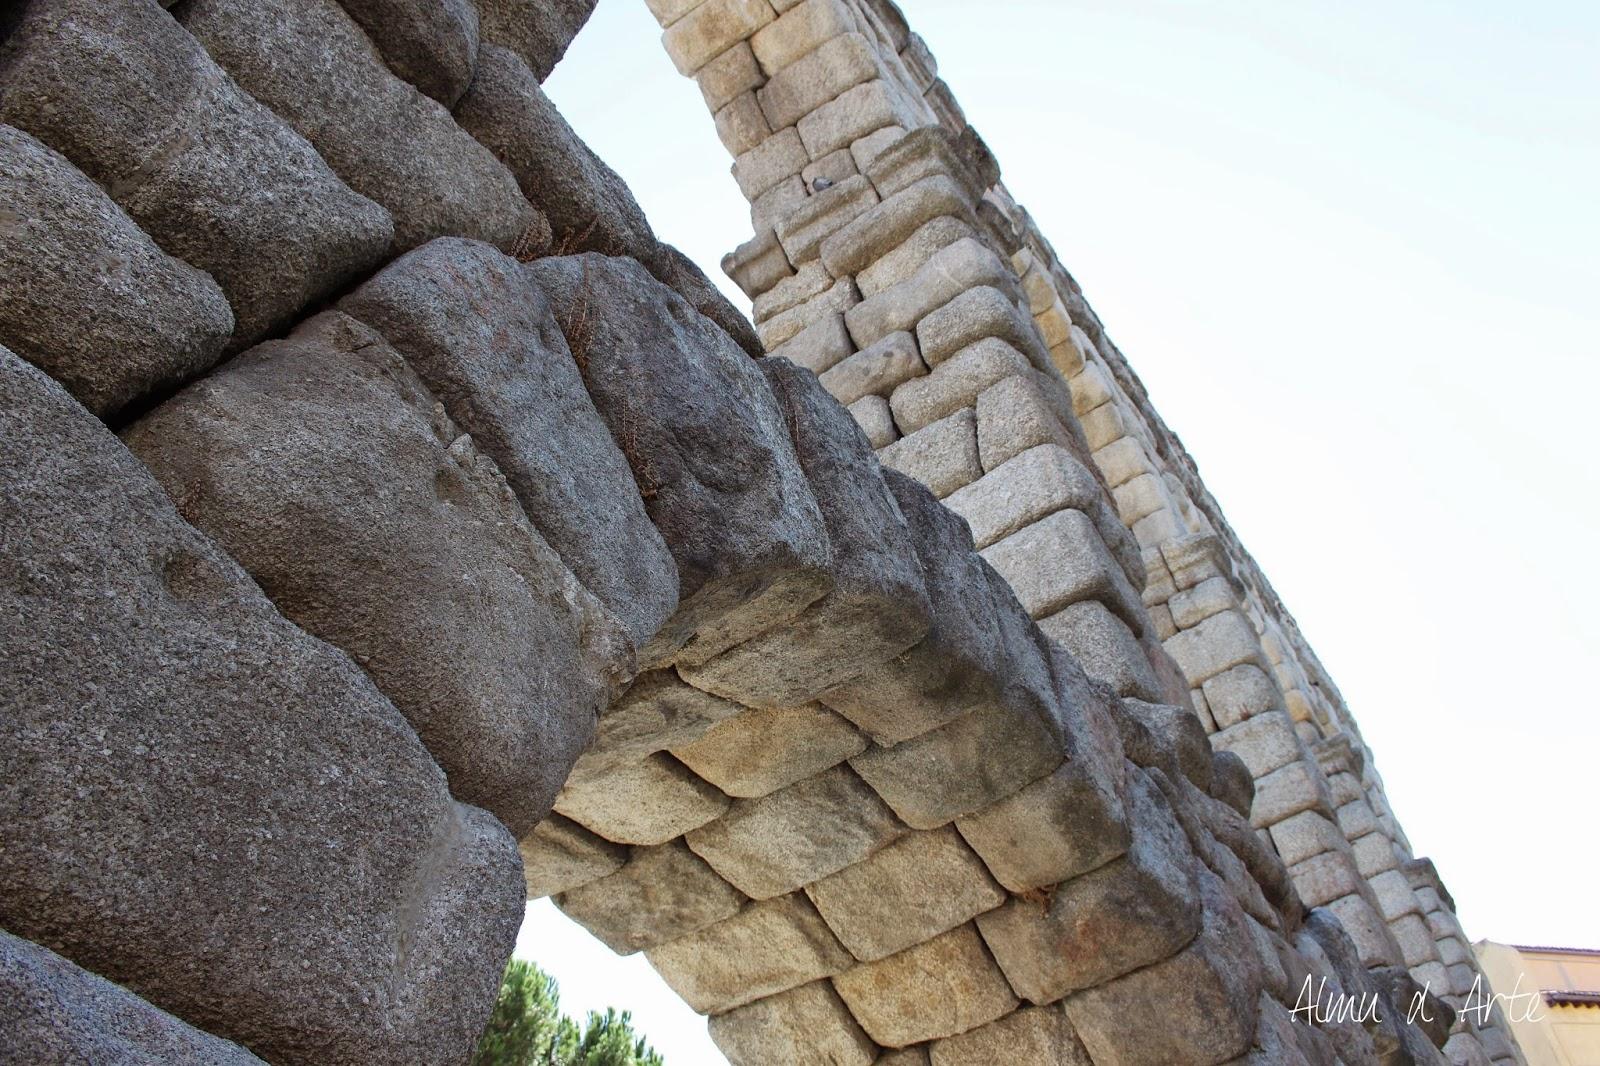 Sillares de granito del acueducto de Segovia